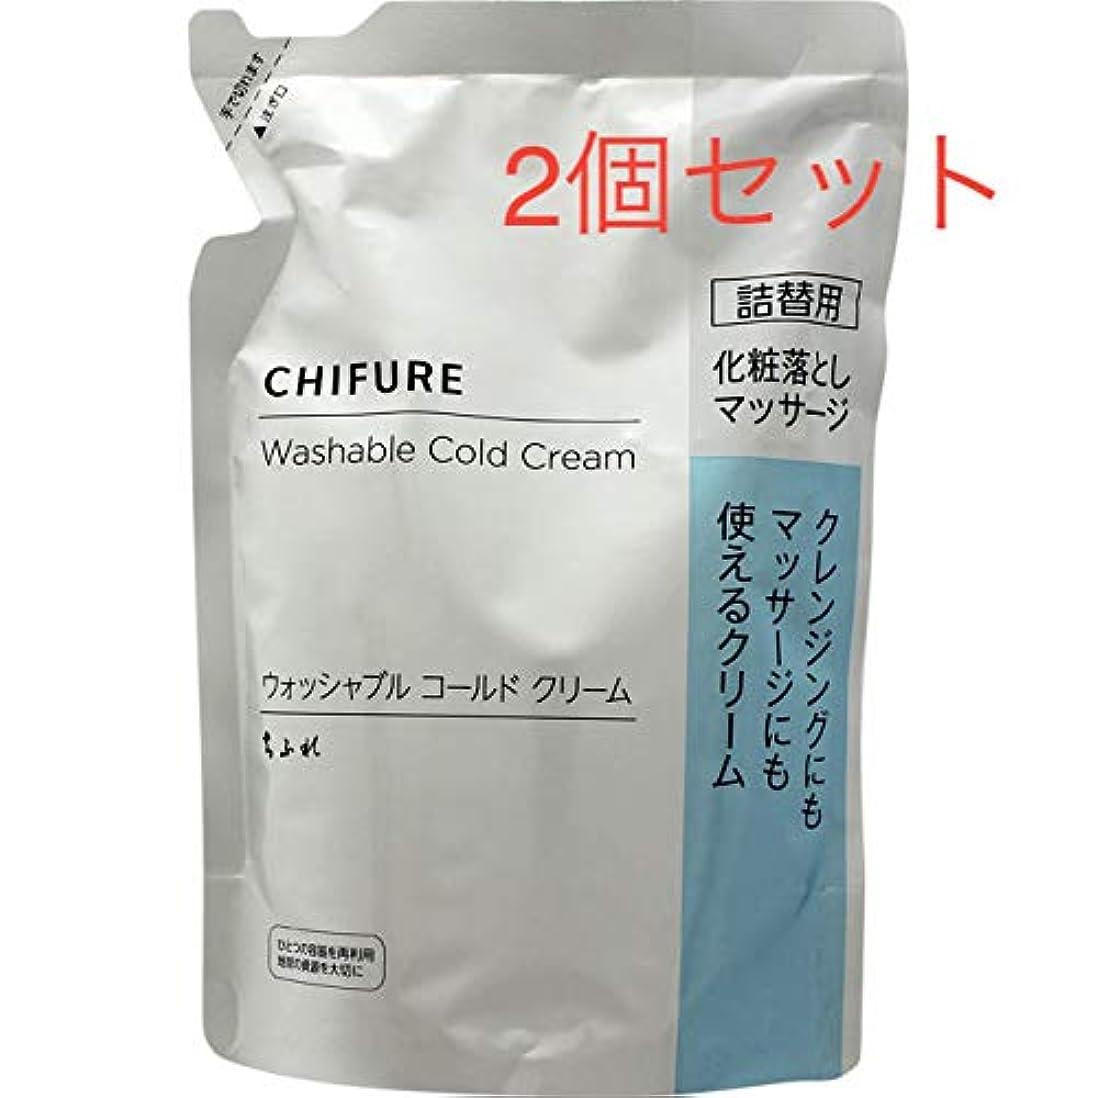 寄付する符号ターゲットちふれ化粧品 ウォッシャブルコールドクリームN詰替 300g 2個セット